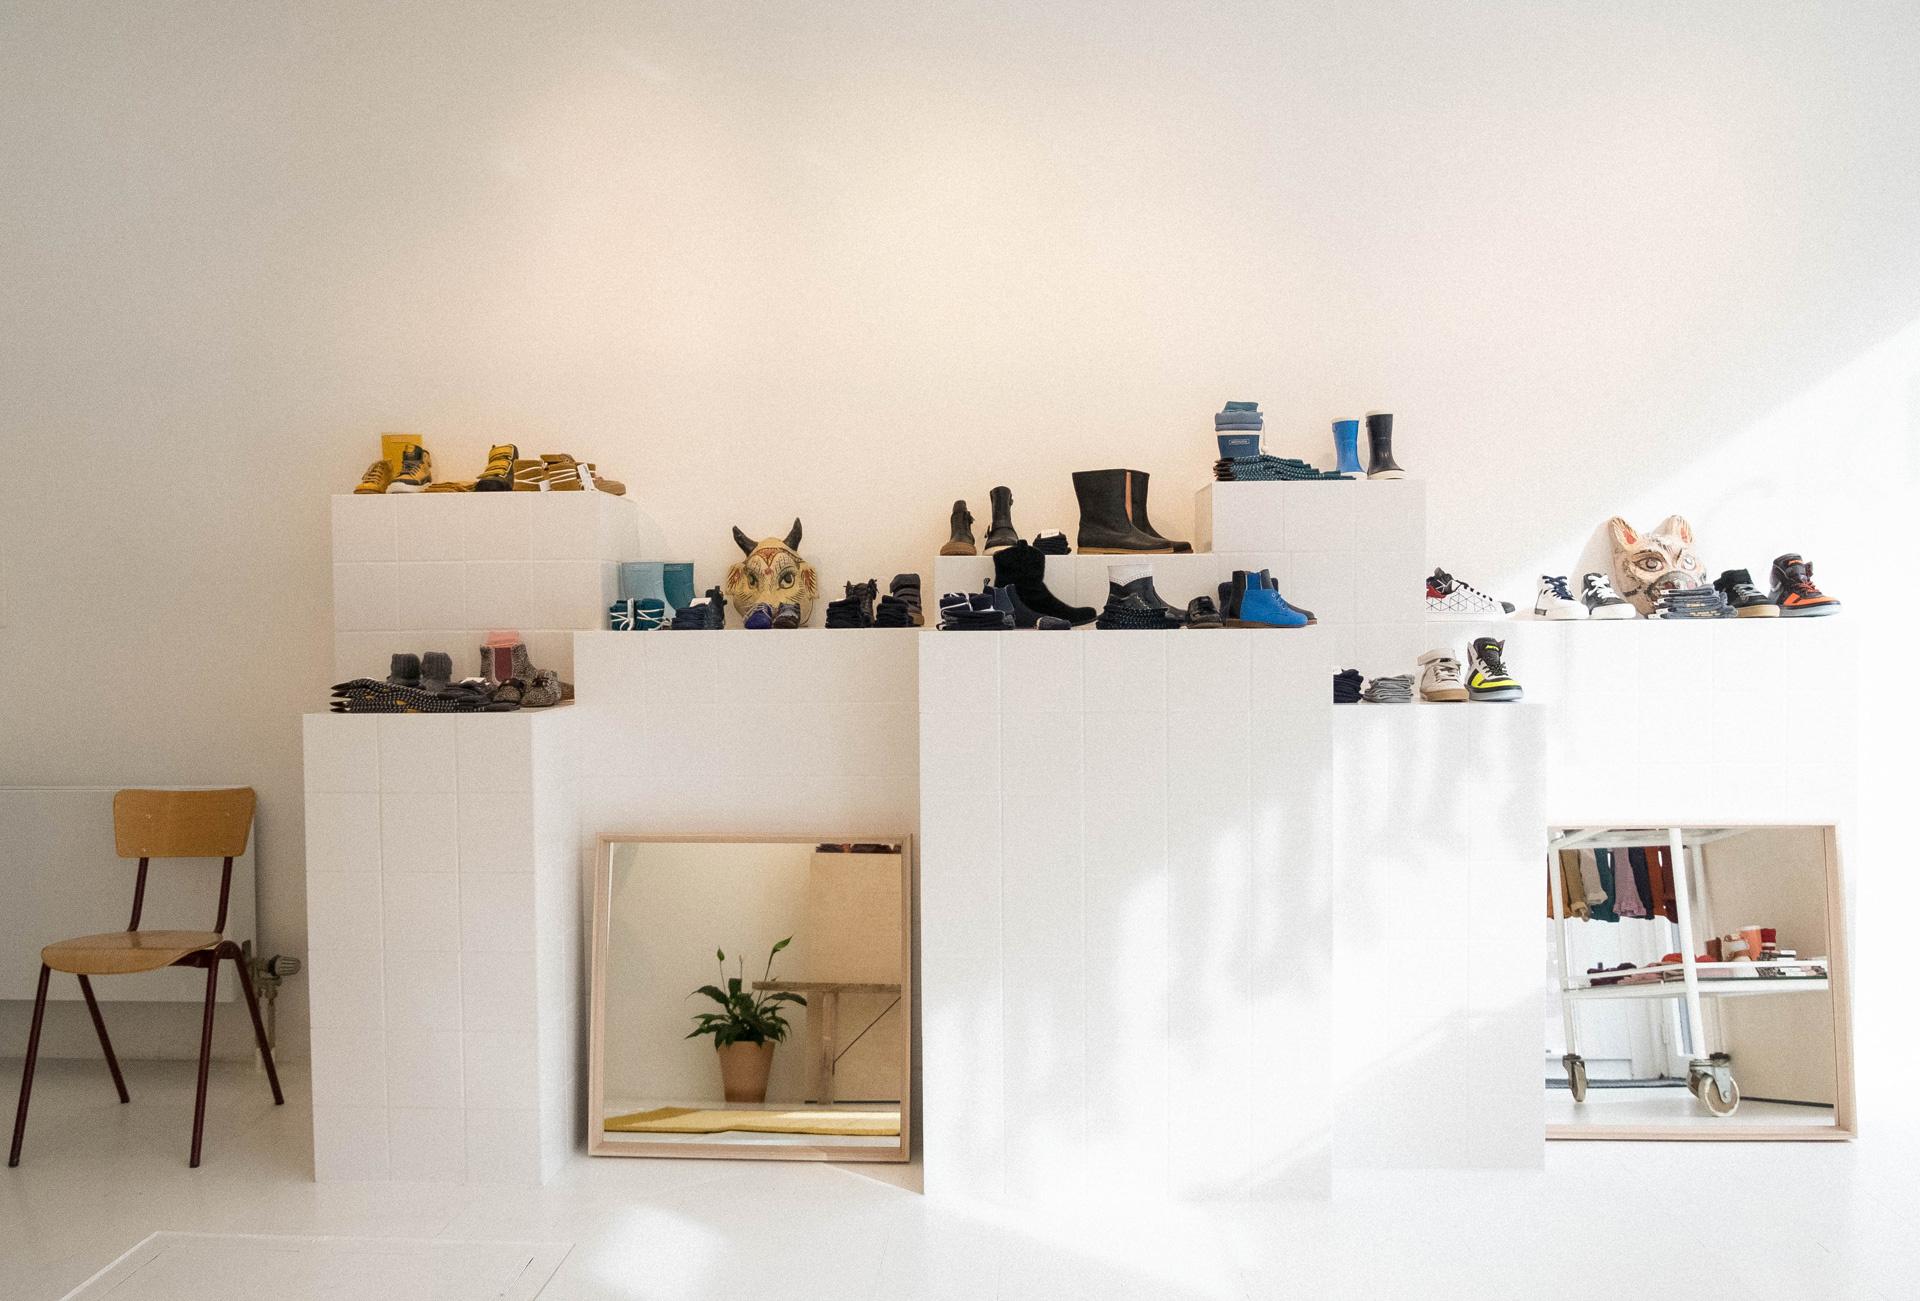 Kinderschoenenwinkel Jackie De Pinte